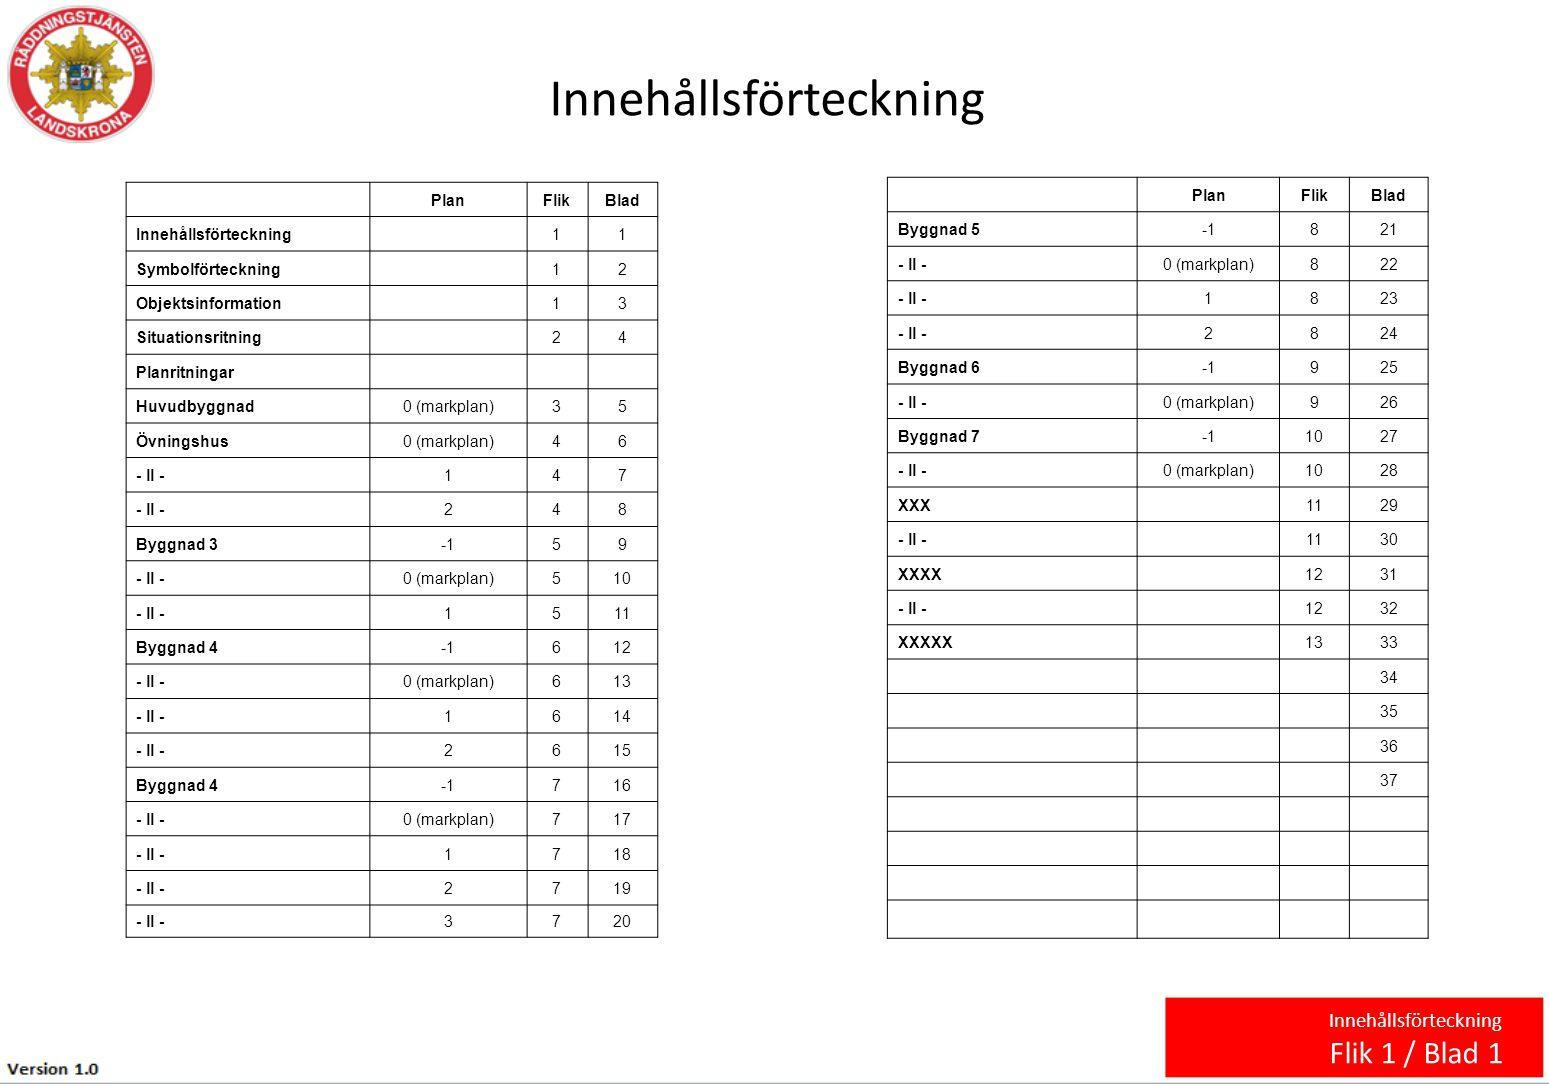 PlanFlikBlad Innehållsförteckning11 Symbolförteckning12 Objektsinformation13 Situationsritning24 Planritningar Huvudbyggnad0 (markplan)35 Övningshus0